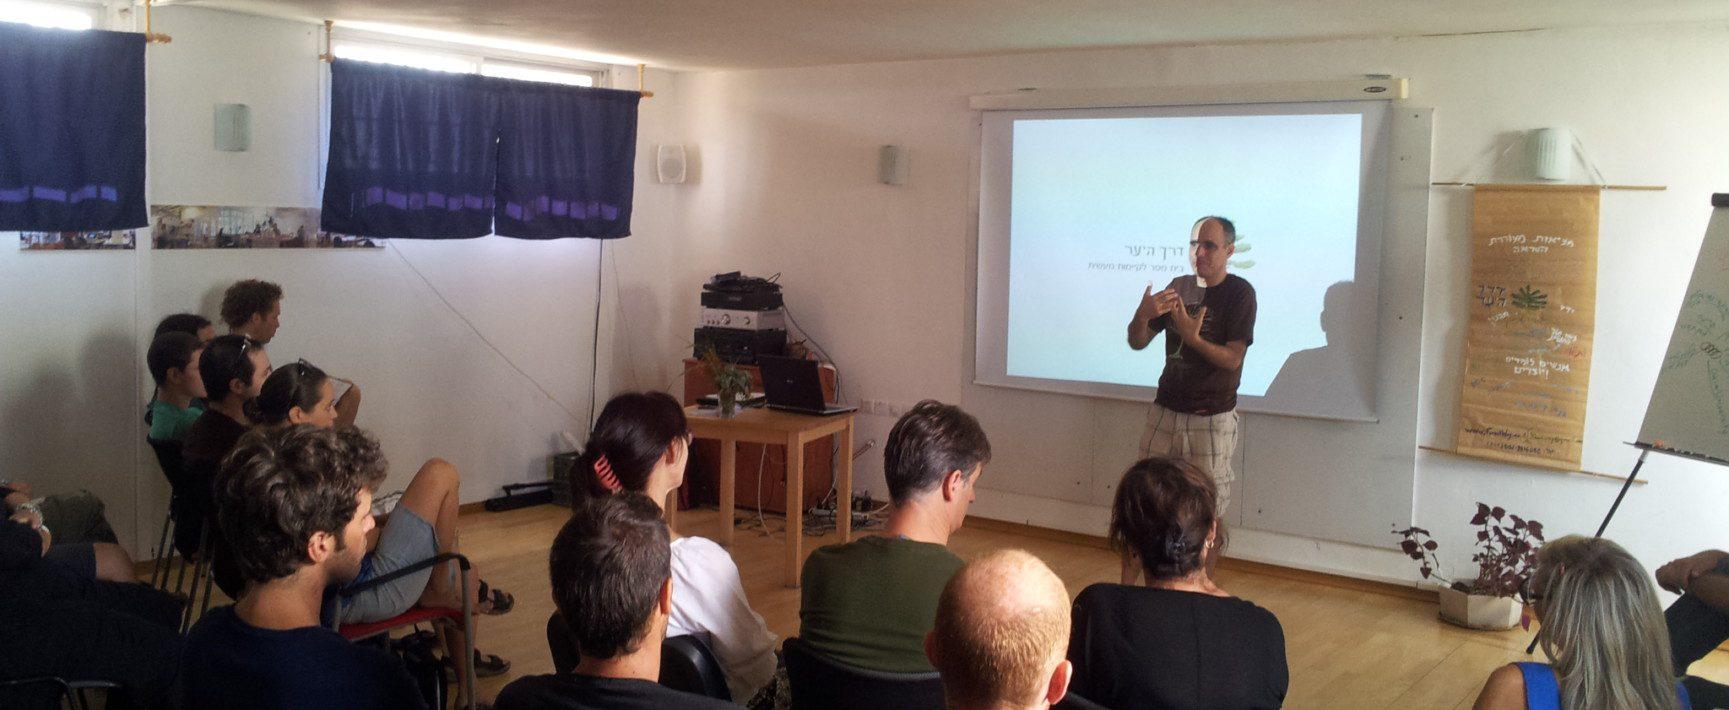 אירוע סיום שנה לימודי פרמקלצ'ר מתקדמים 2013